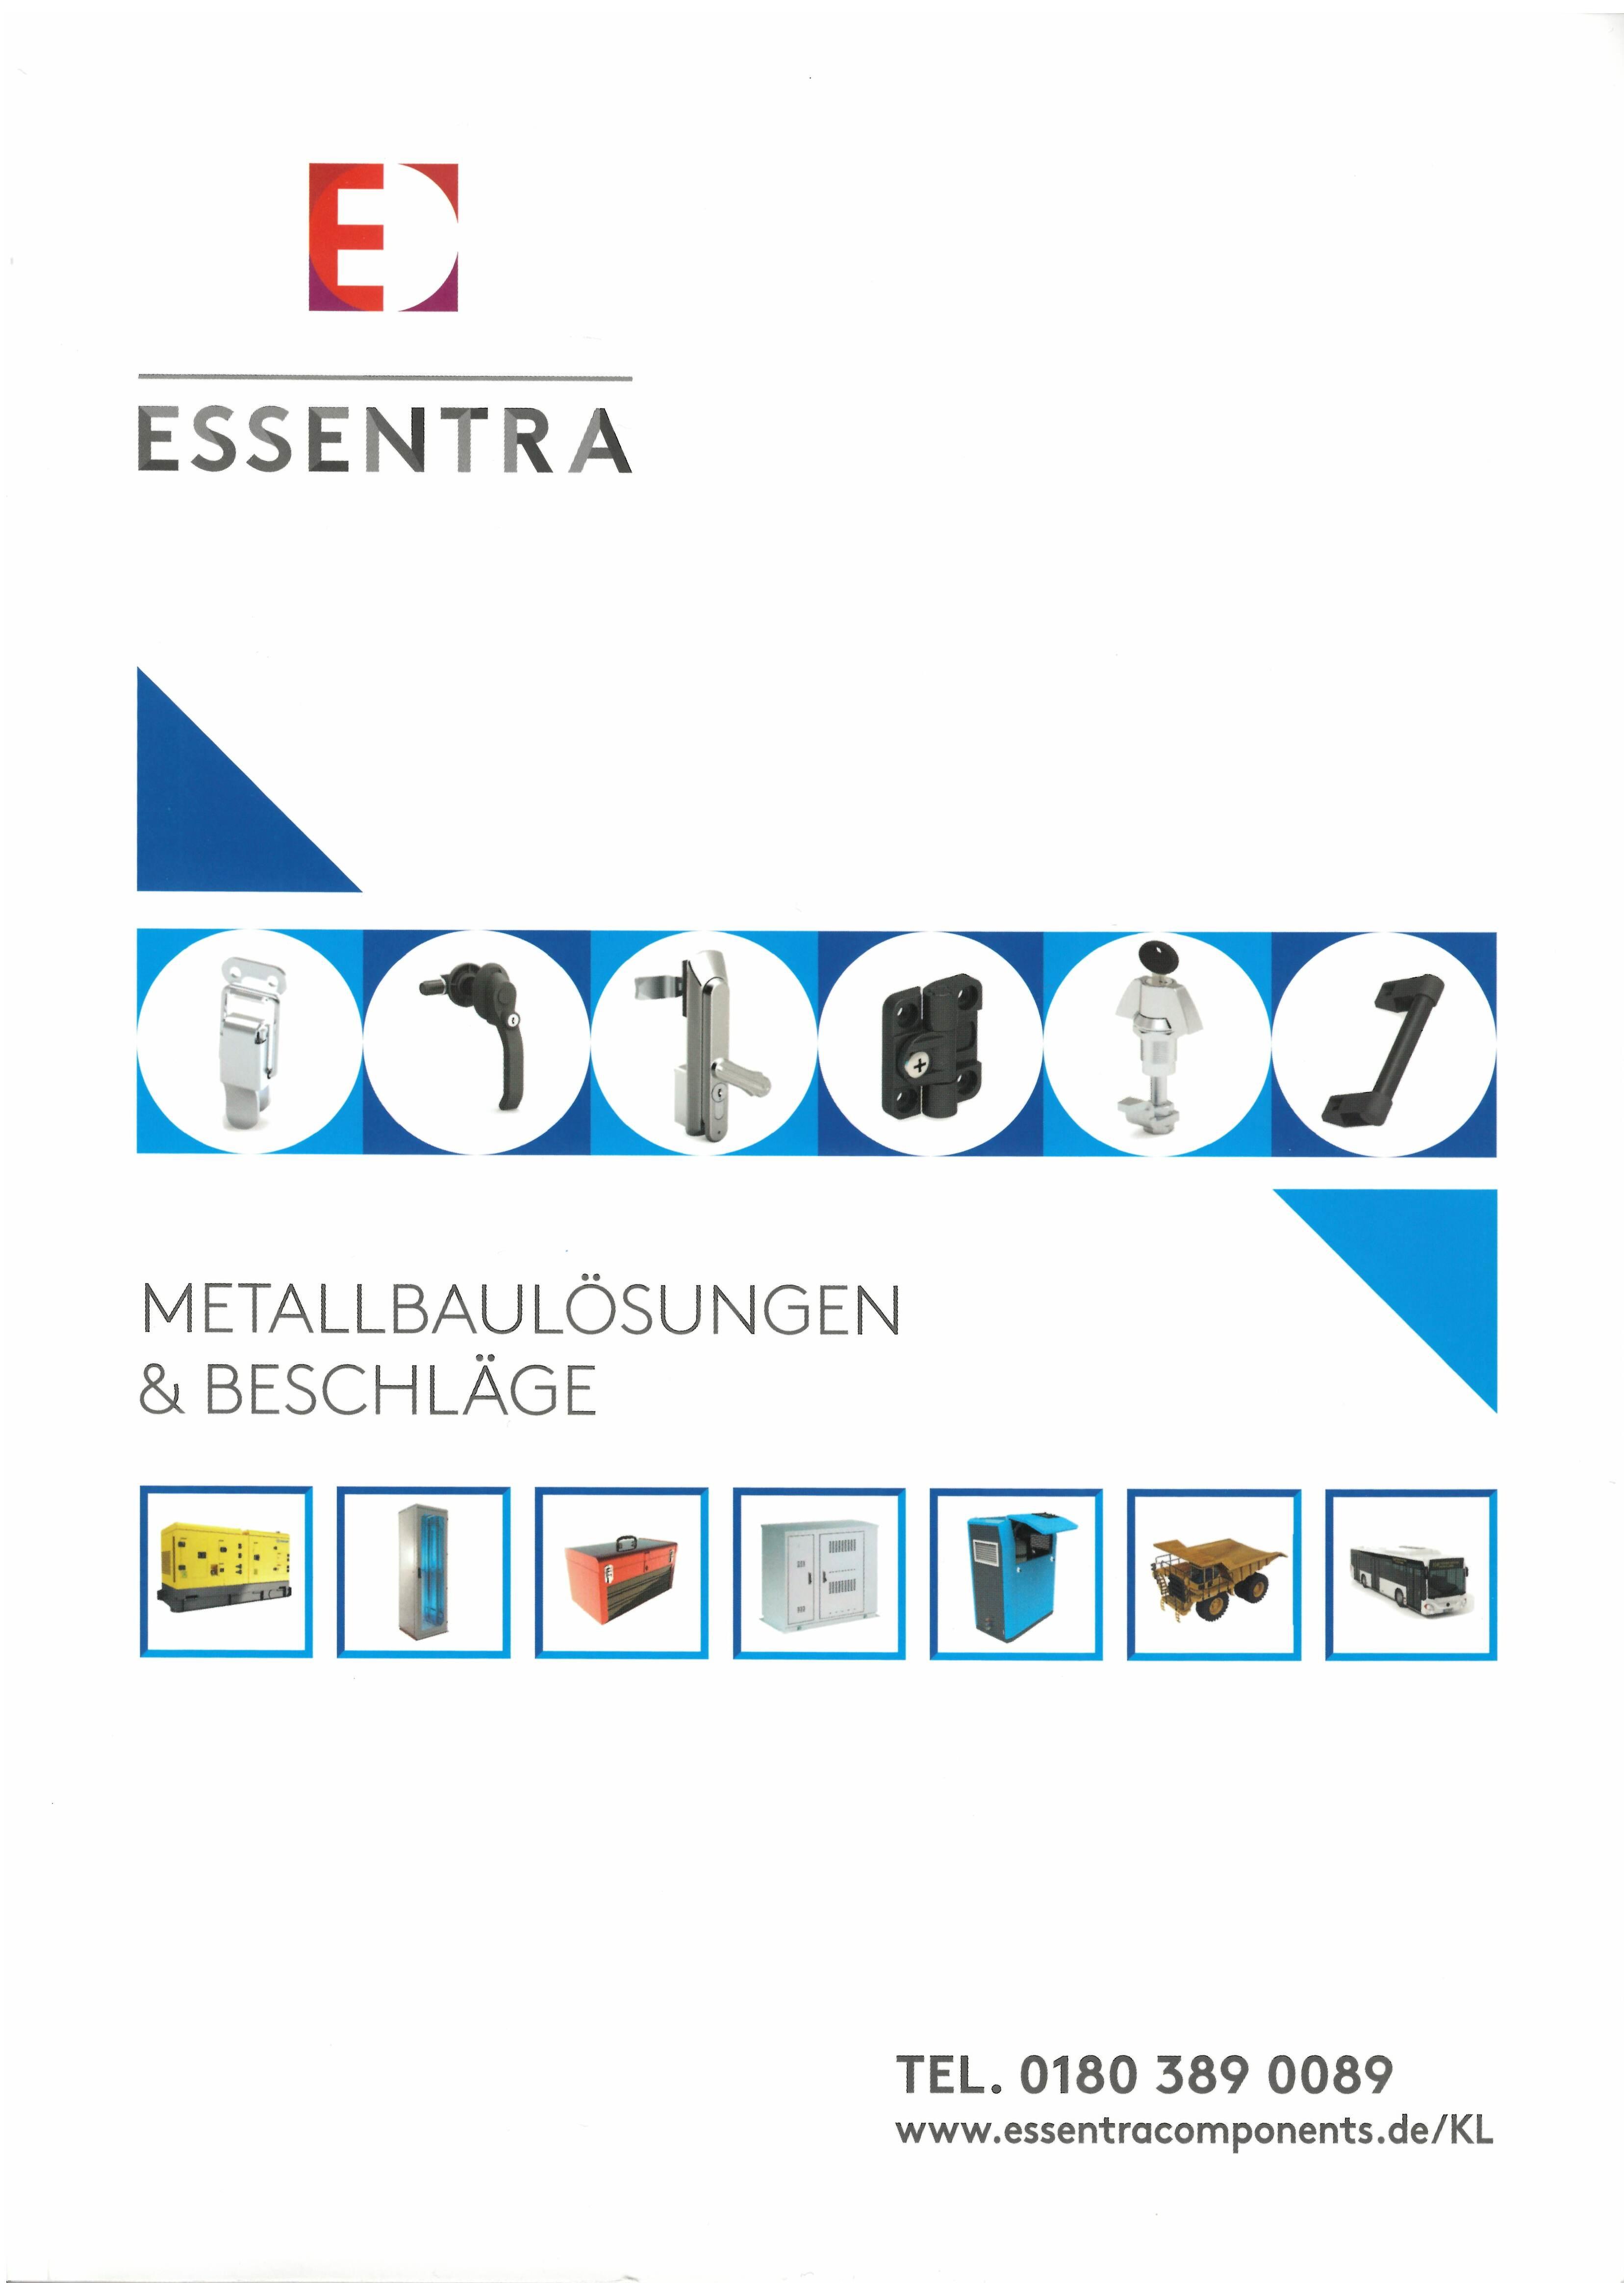 Essentra Components Metallbaulösungen & Beschläge